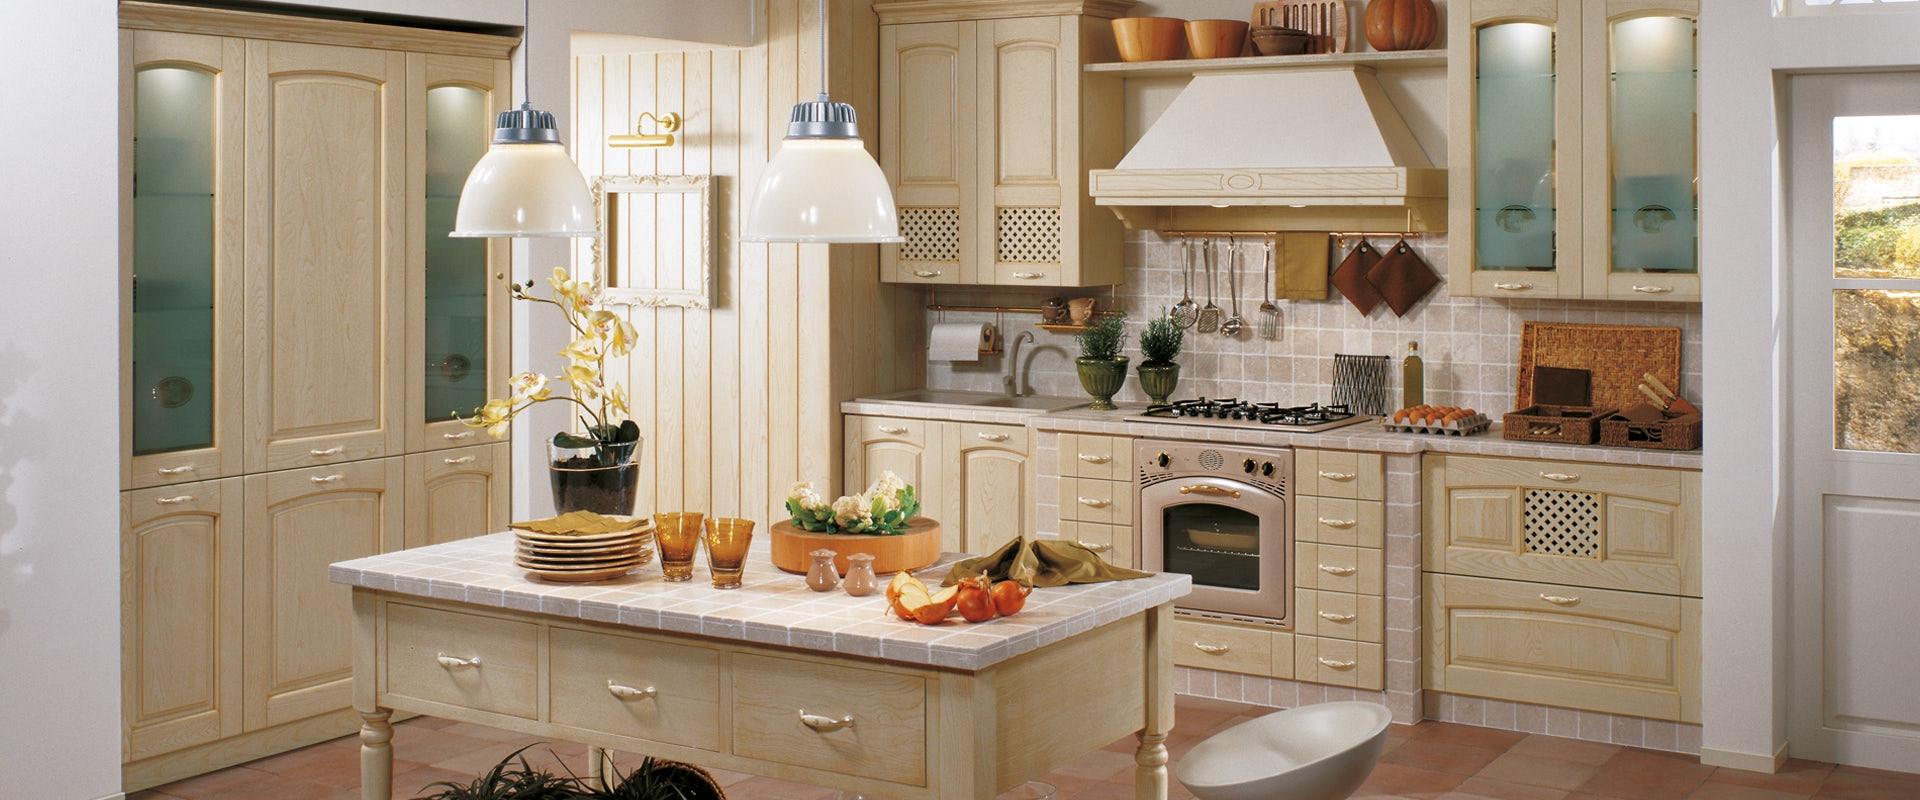 stosa-cucine-classiche-ginevra-45.jpg